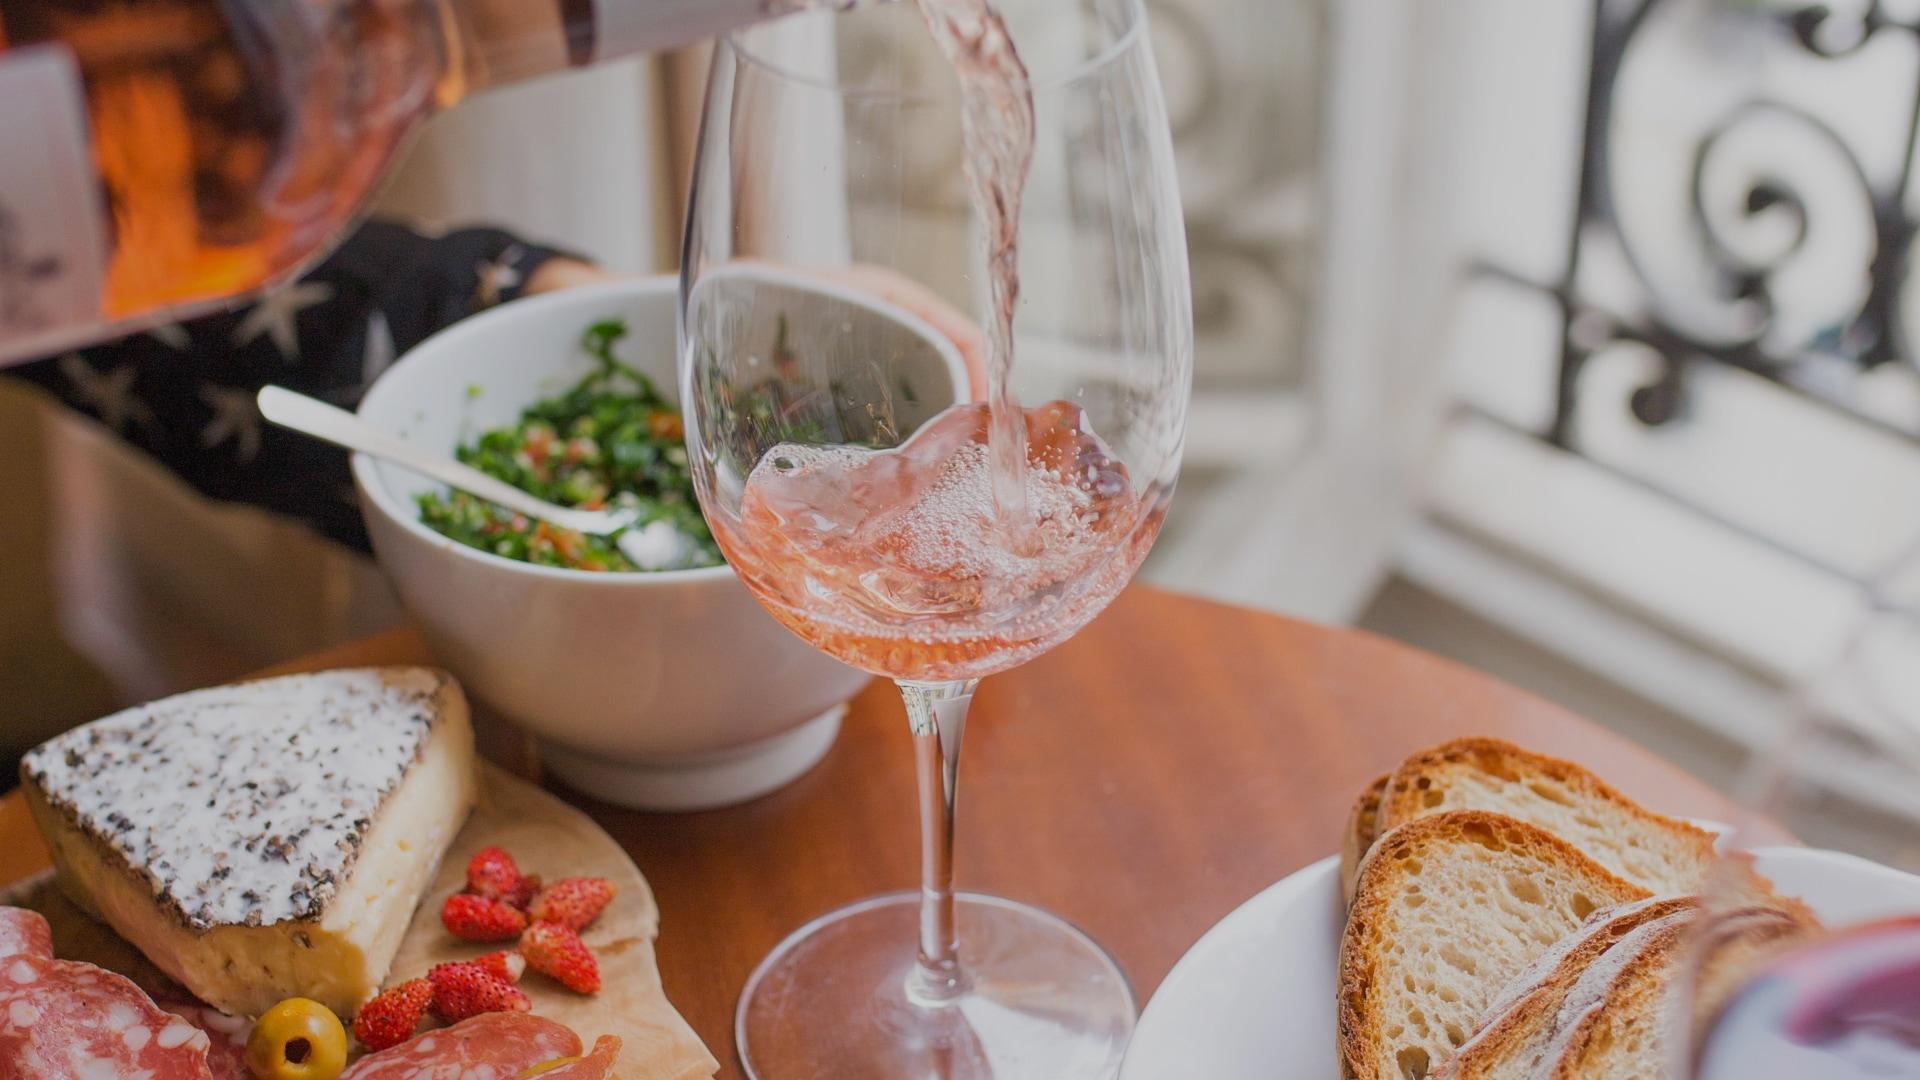 vin produit du terroir charcuterie ulocal produits locaux fromagerie boulangerie achat local legume local